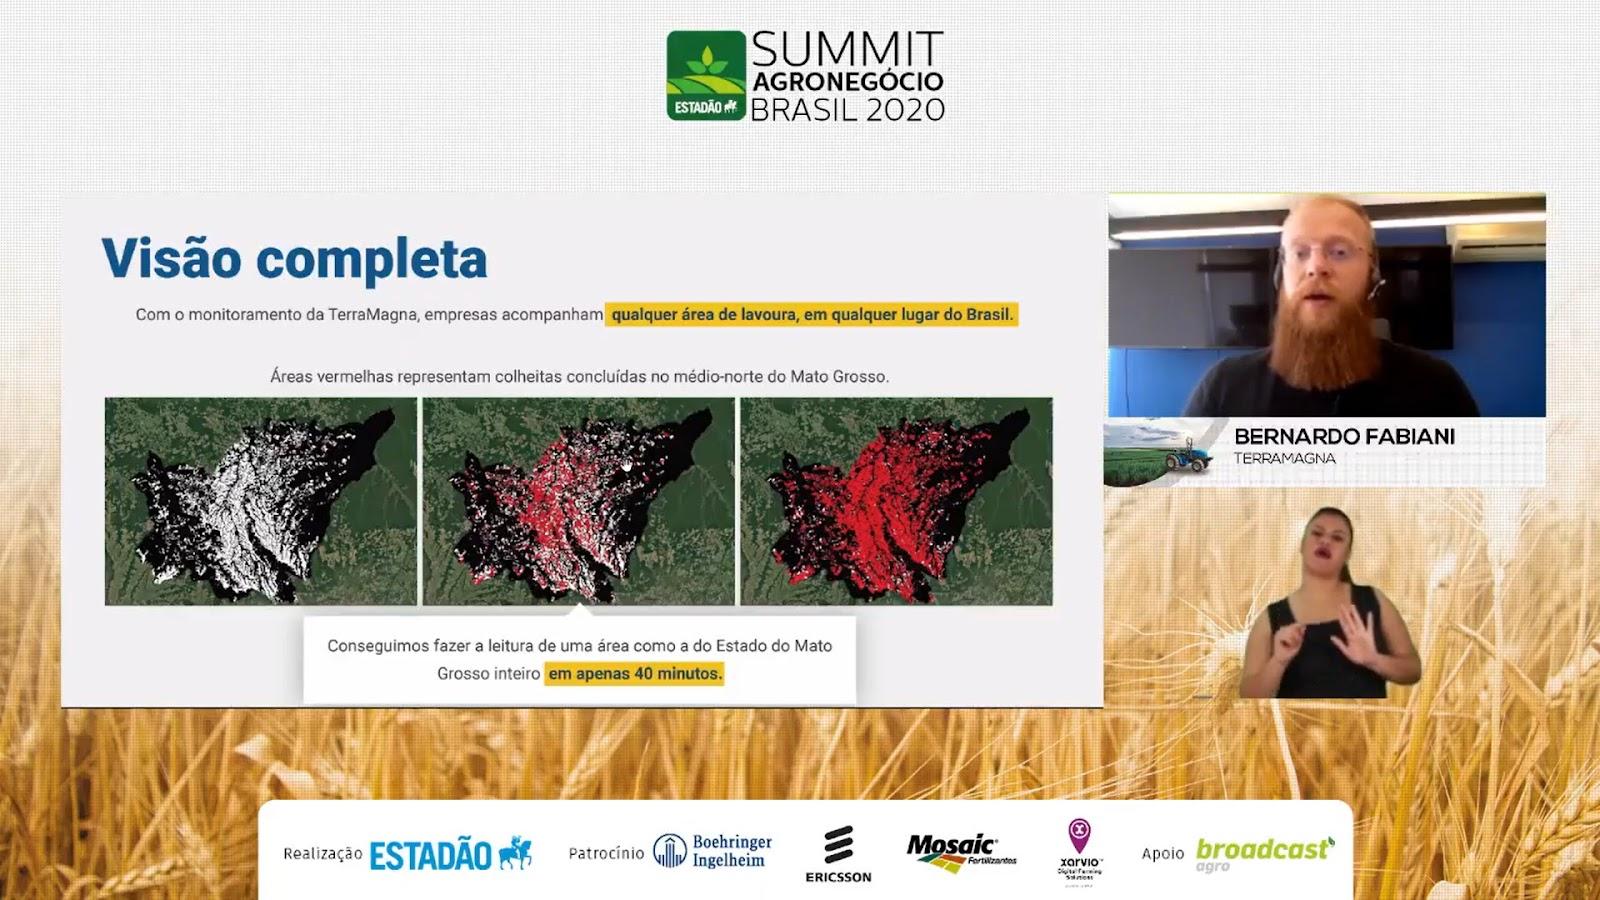 Satélite permite mapear estágio das lavouras agrícolas do Mato Grosso em apenas 40 minutos. (Fonte: Summit Agro 2020/Reprodução)